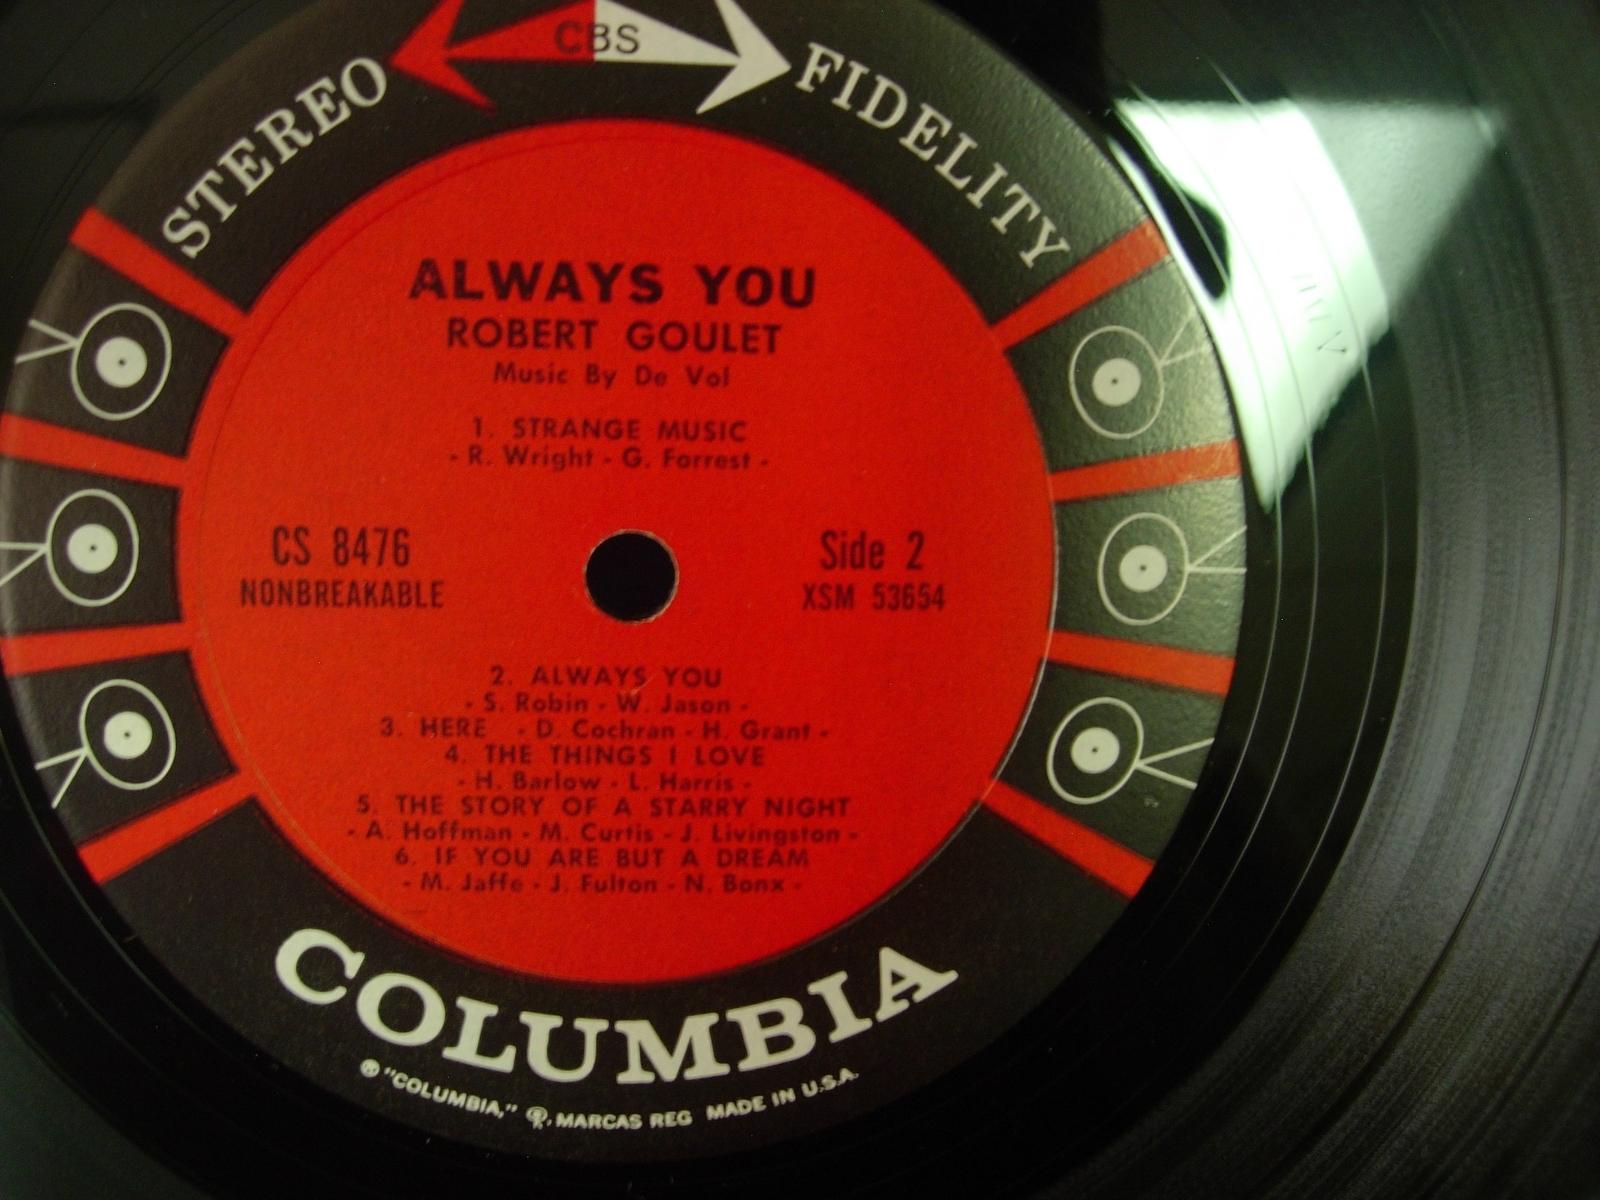 Robert Goulet - Always You - Columbia CS 8476